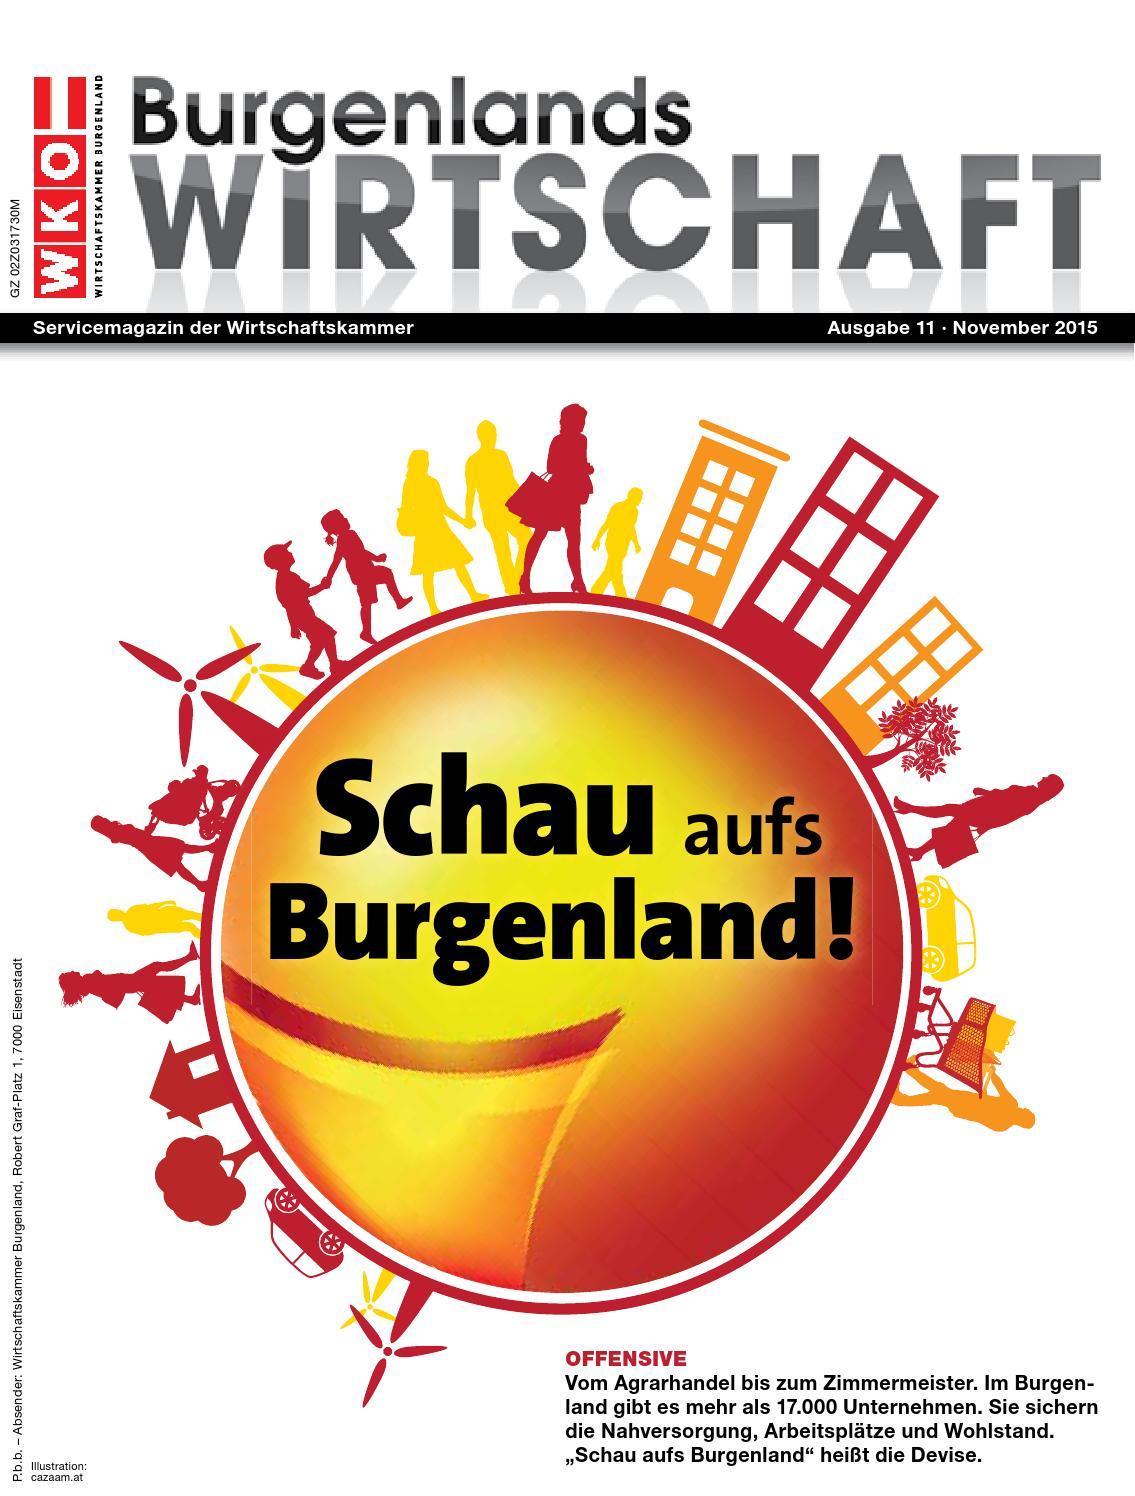 Bekanntschaften Burgenland - chad-manufacturing.com - Kleinanzeigen